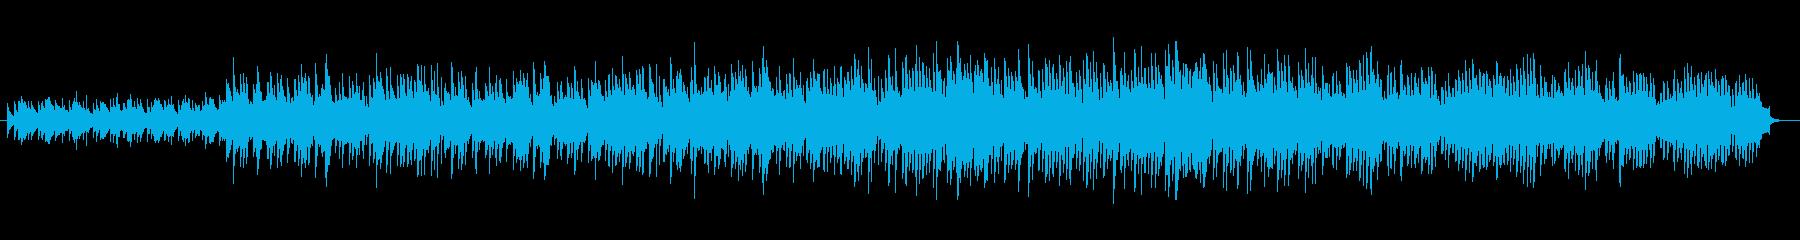 アップテンポなマリンバが印象的なインストの再生済みの波形